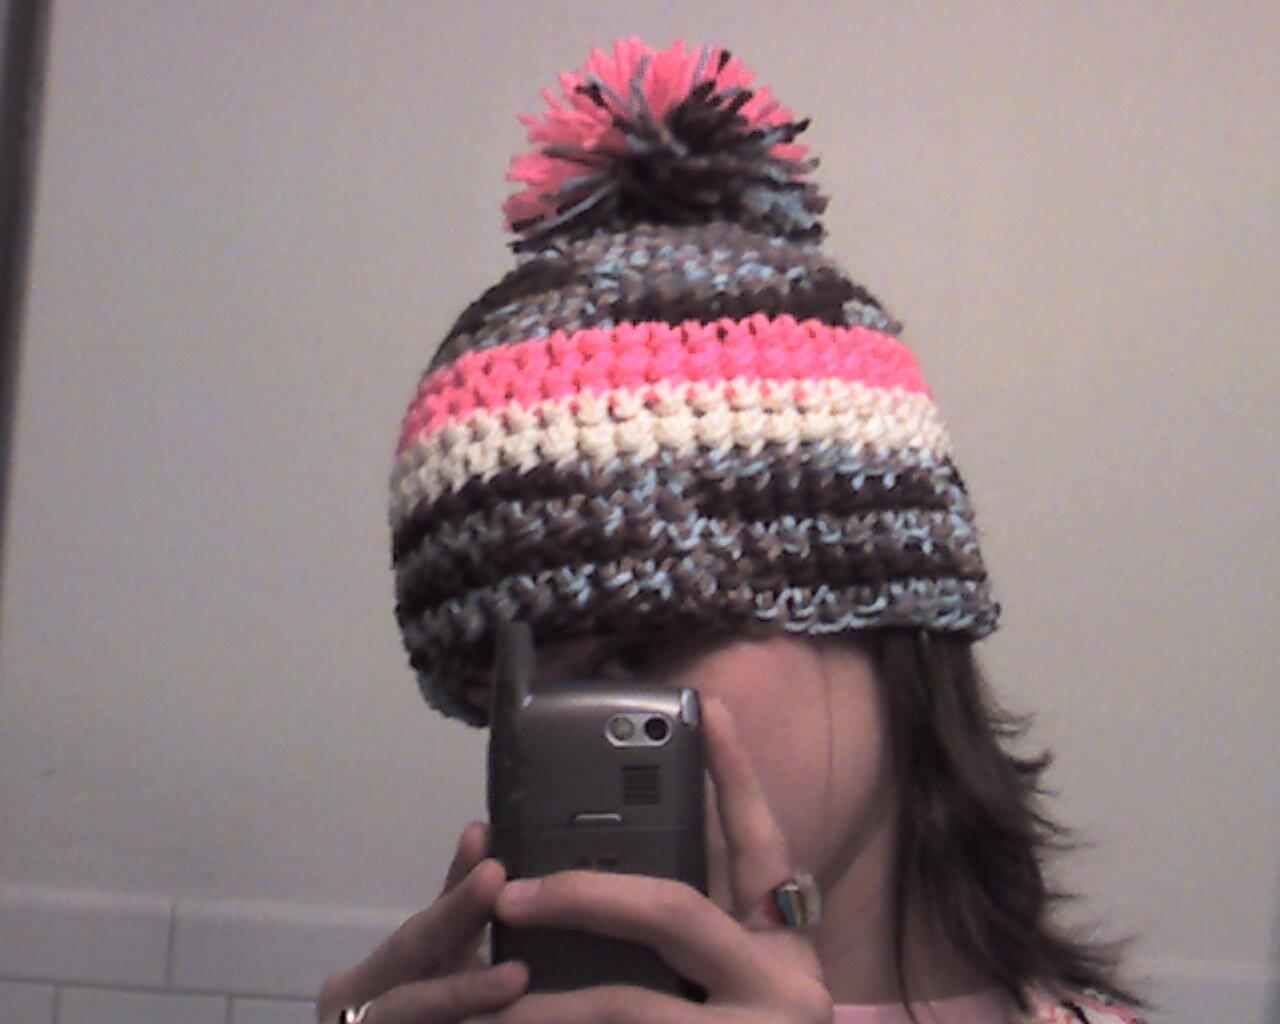 2nd hat